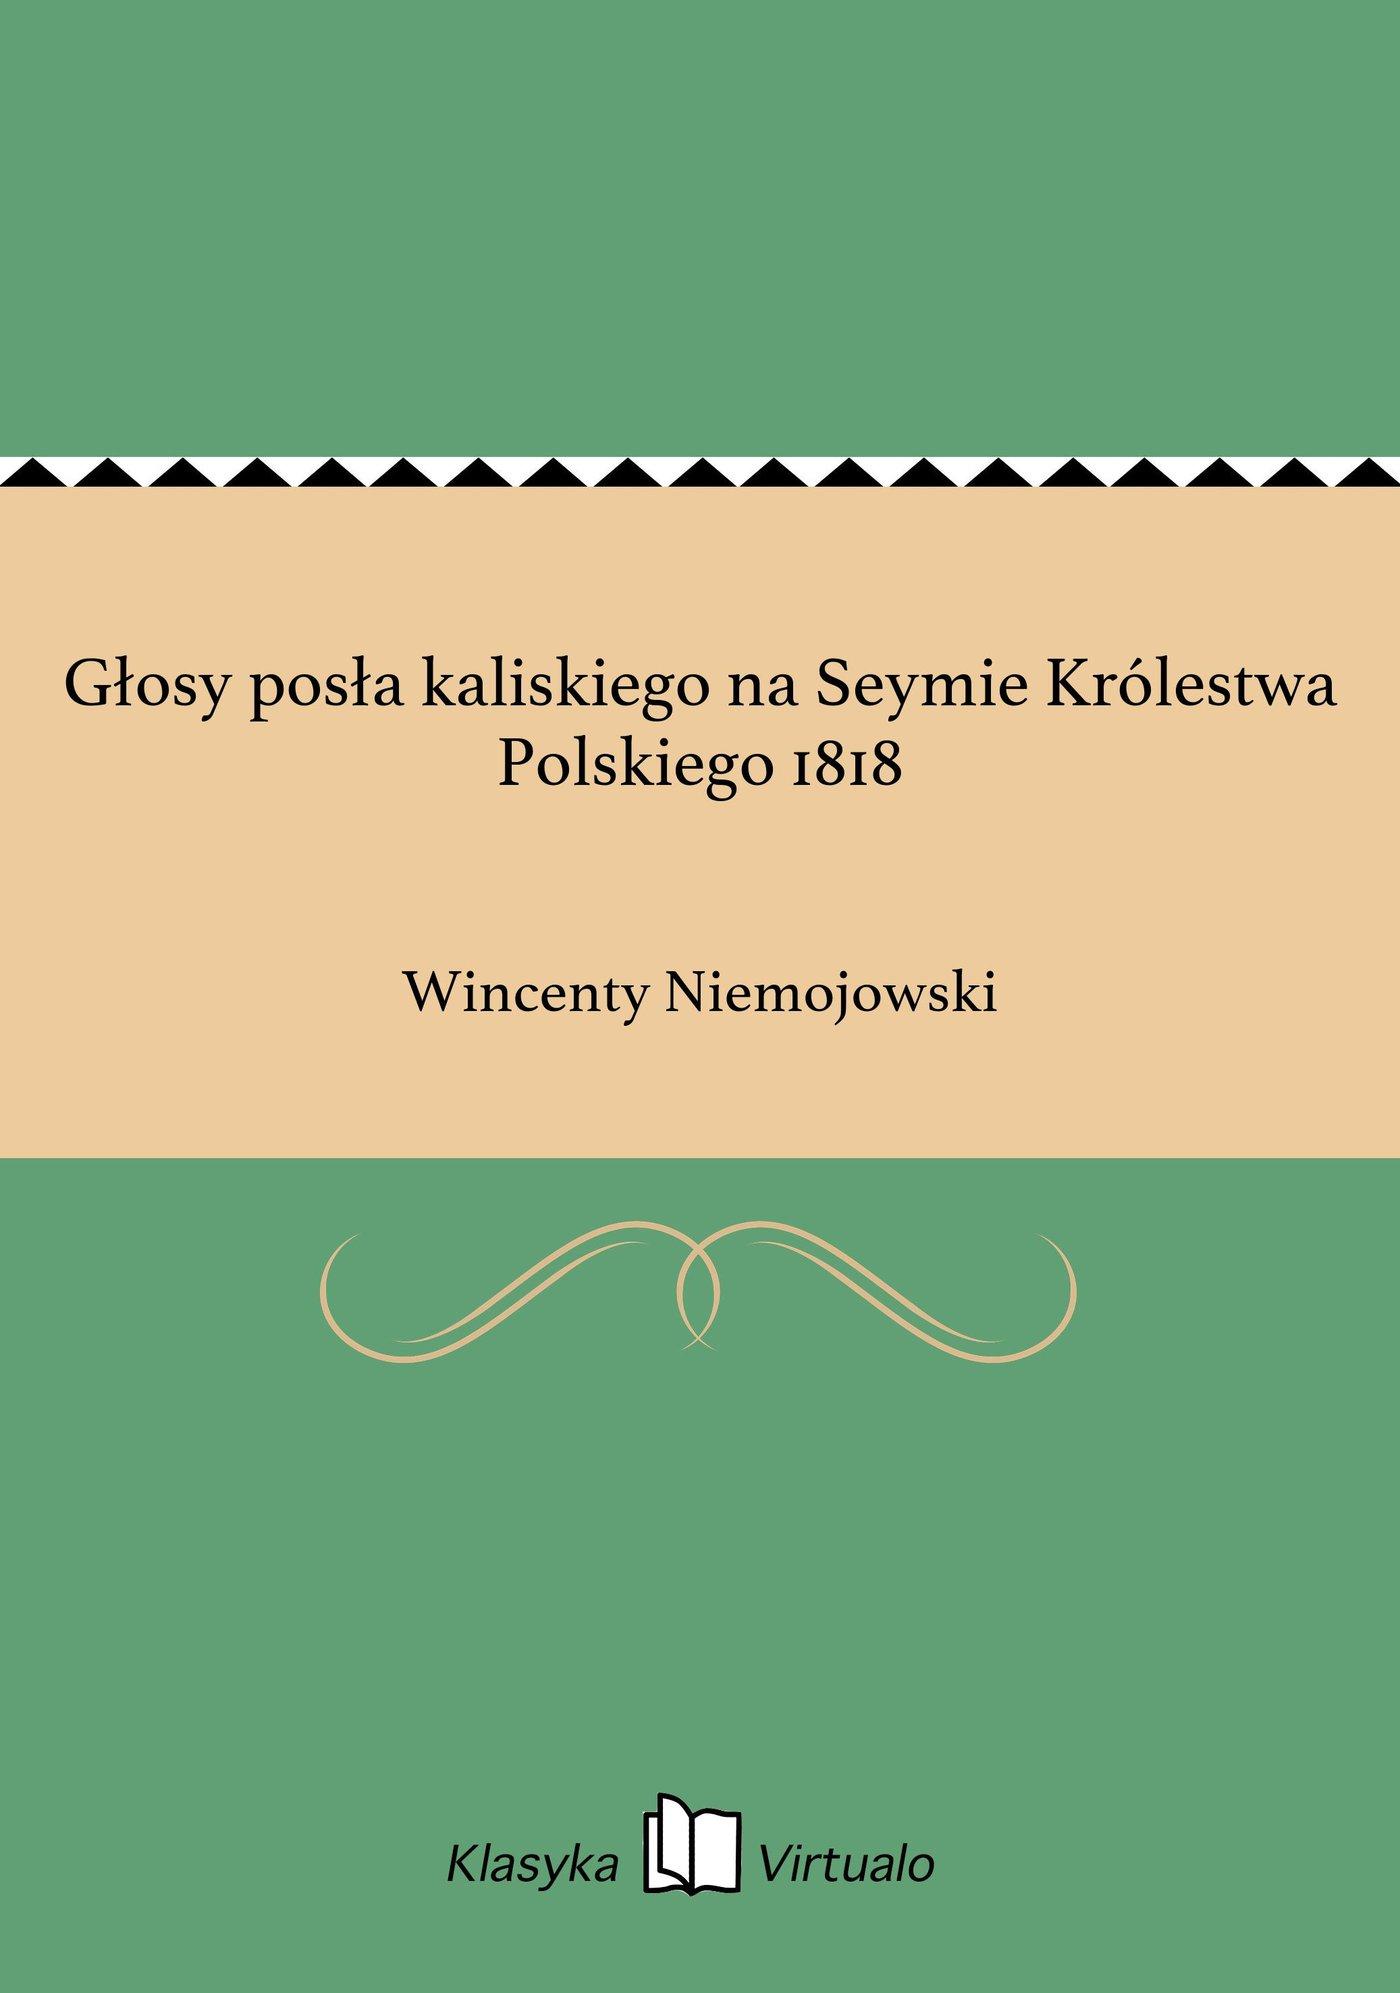 Głosy posła kaliskiego na Seymie Królestwa Polskiego 1818 - Ebook (Książka EPUB) do pobrania w formacie EPUB